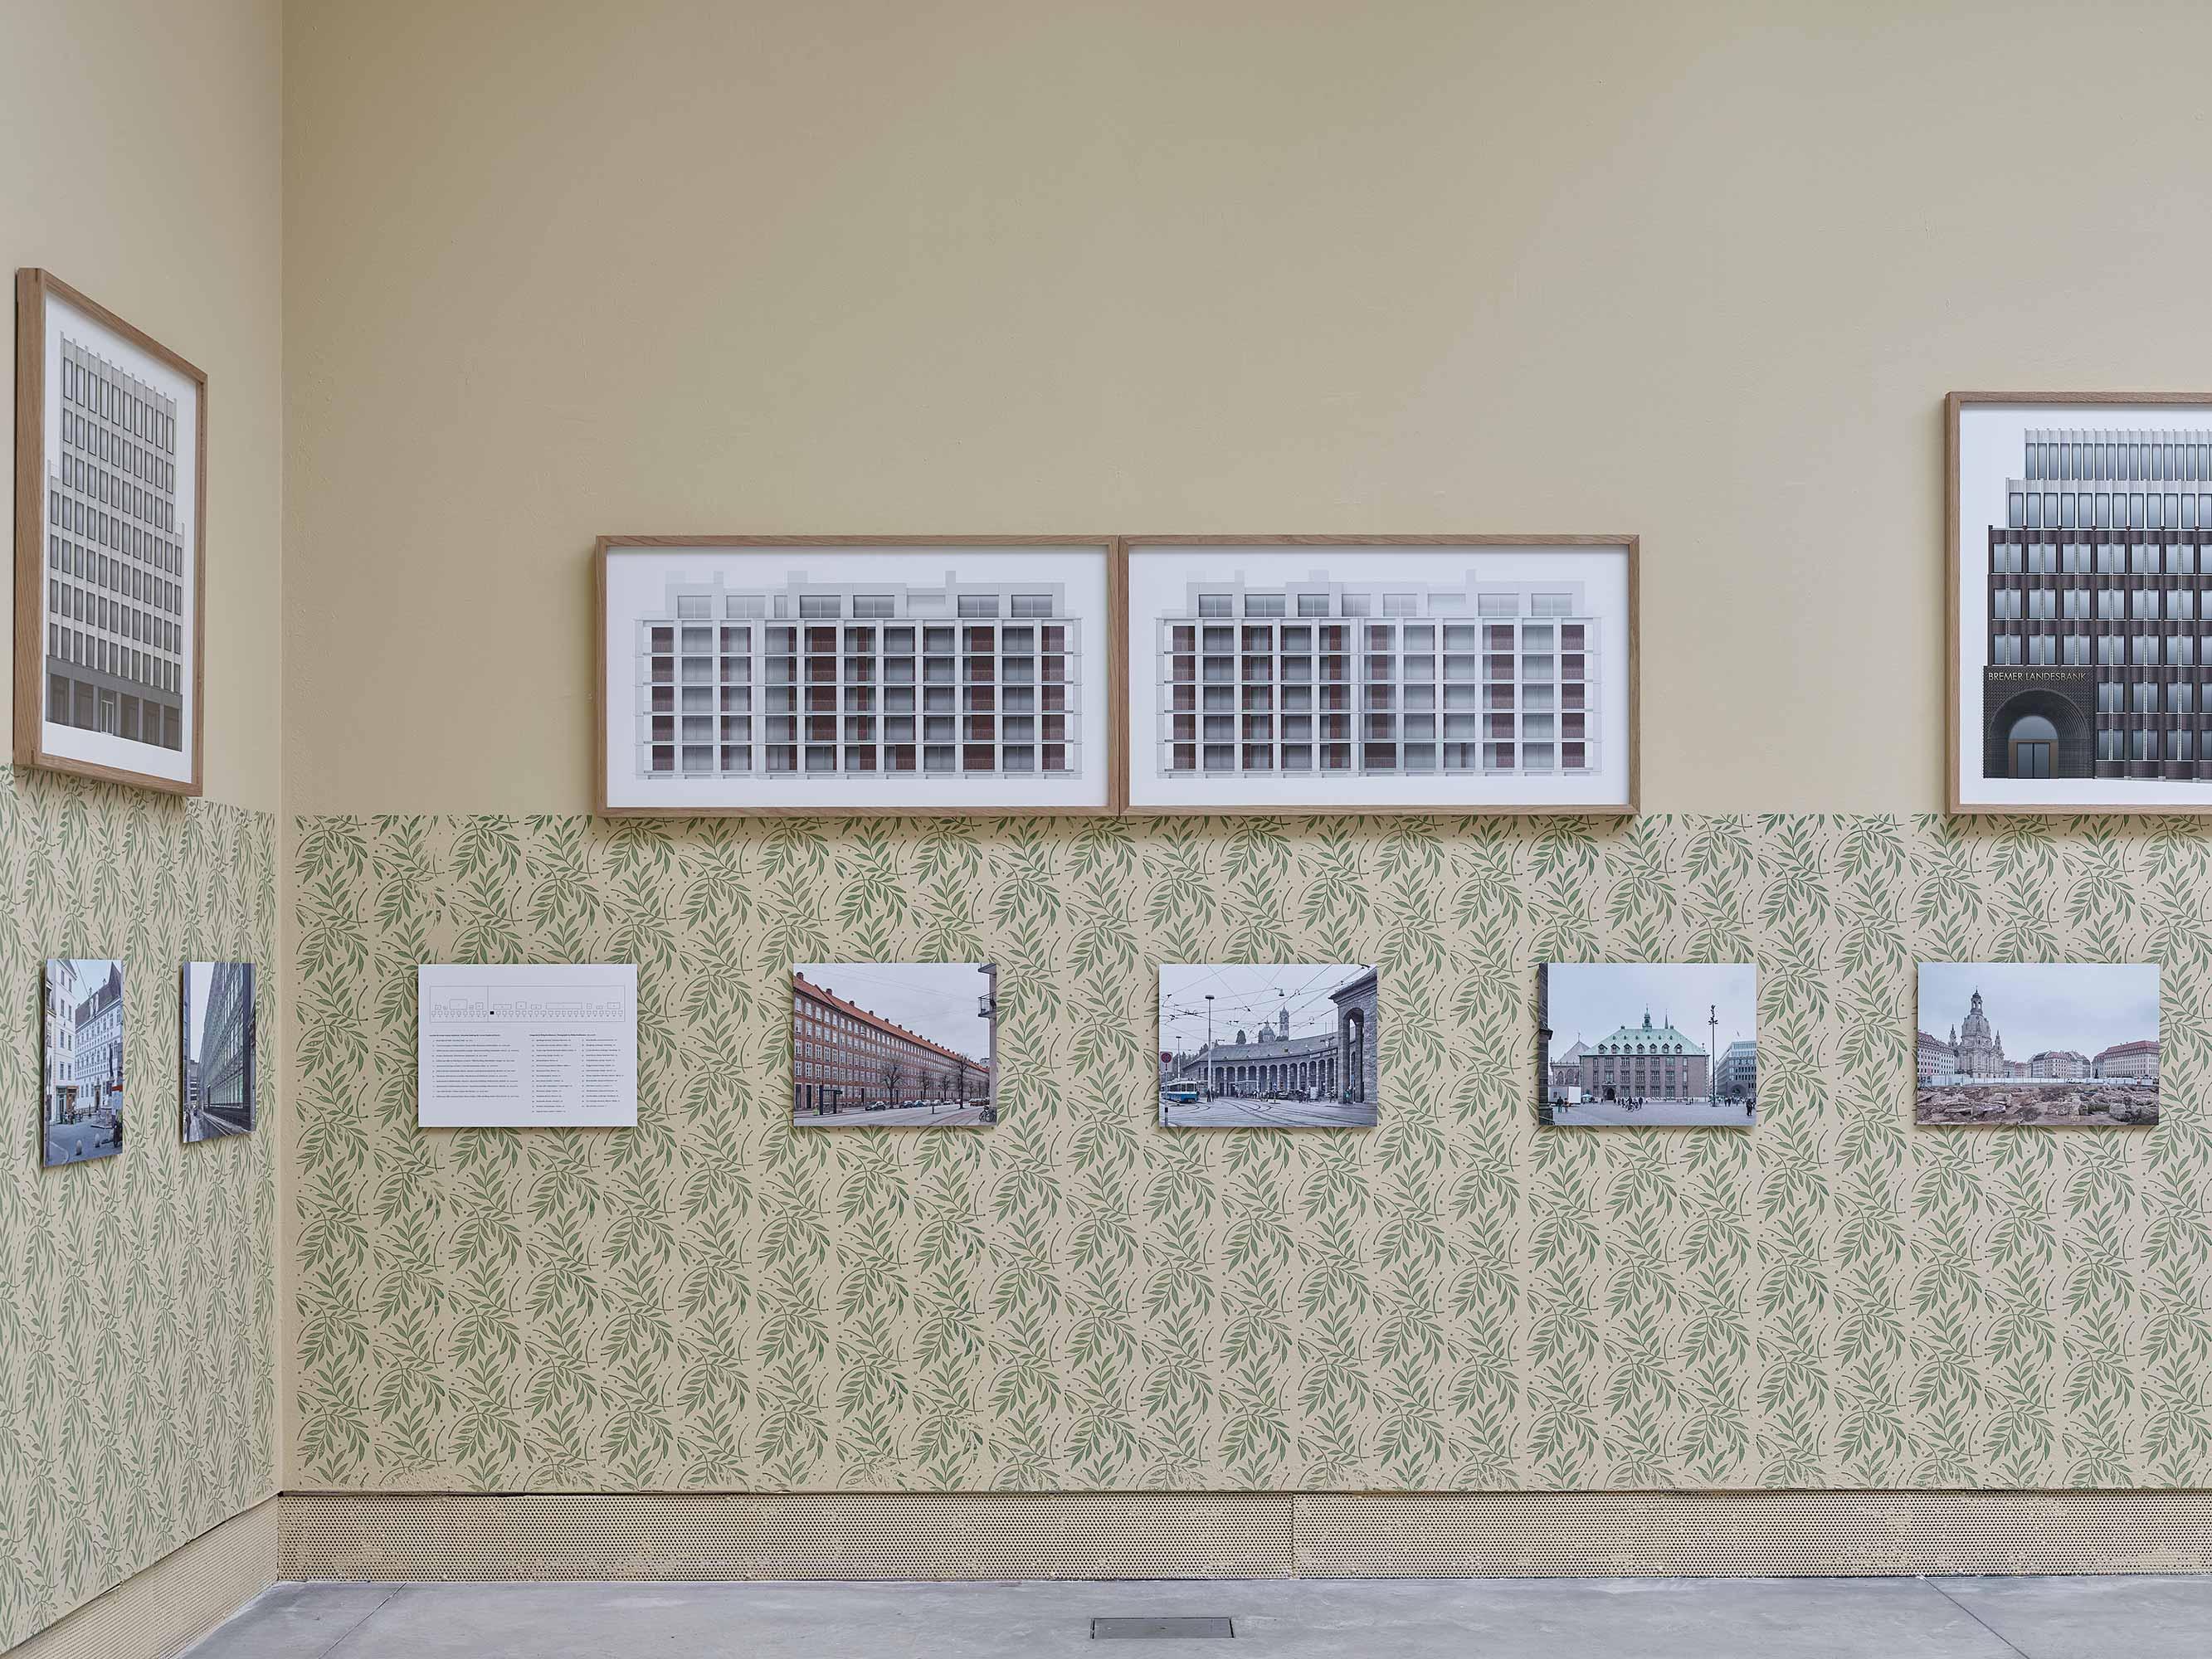 Architekturbiennale Venedig 2018  7/9